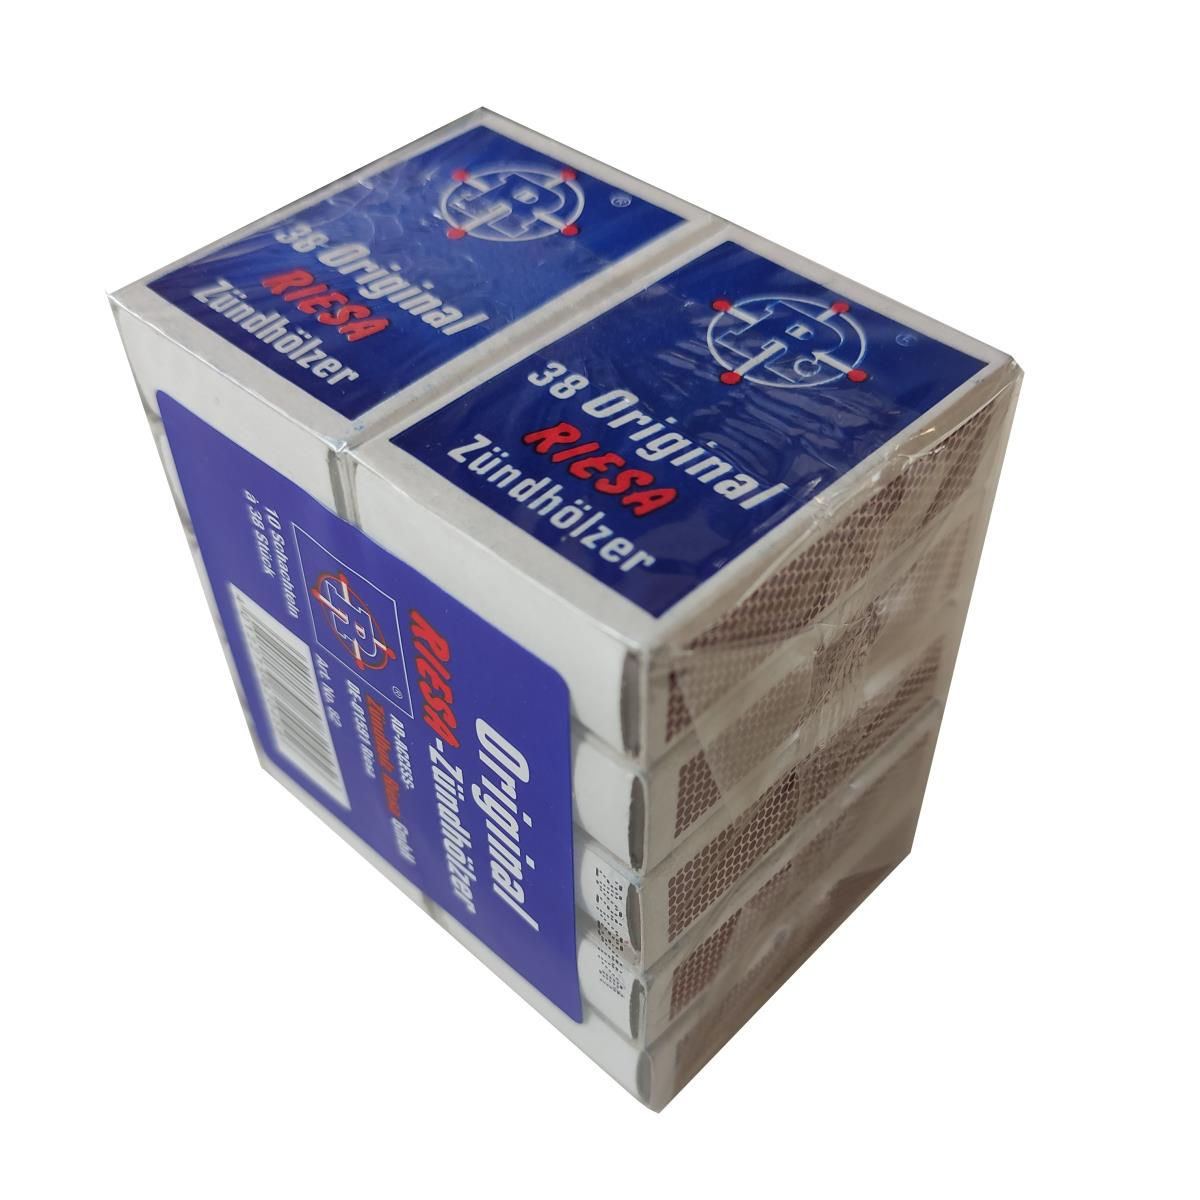 60 Schachteln Streichhölzer, Zündhölzer, Zündholzschachtel,KM Zündholz International,0000082, 0685293813867